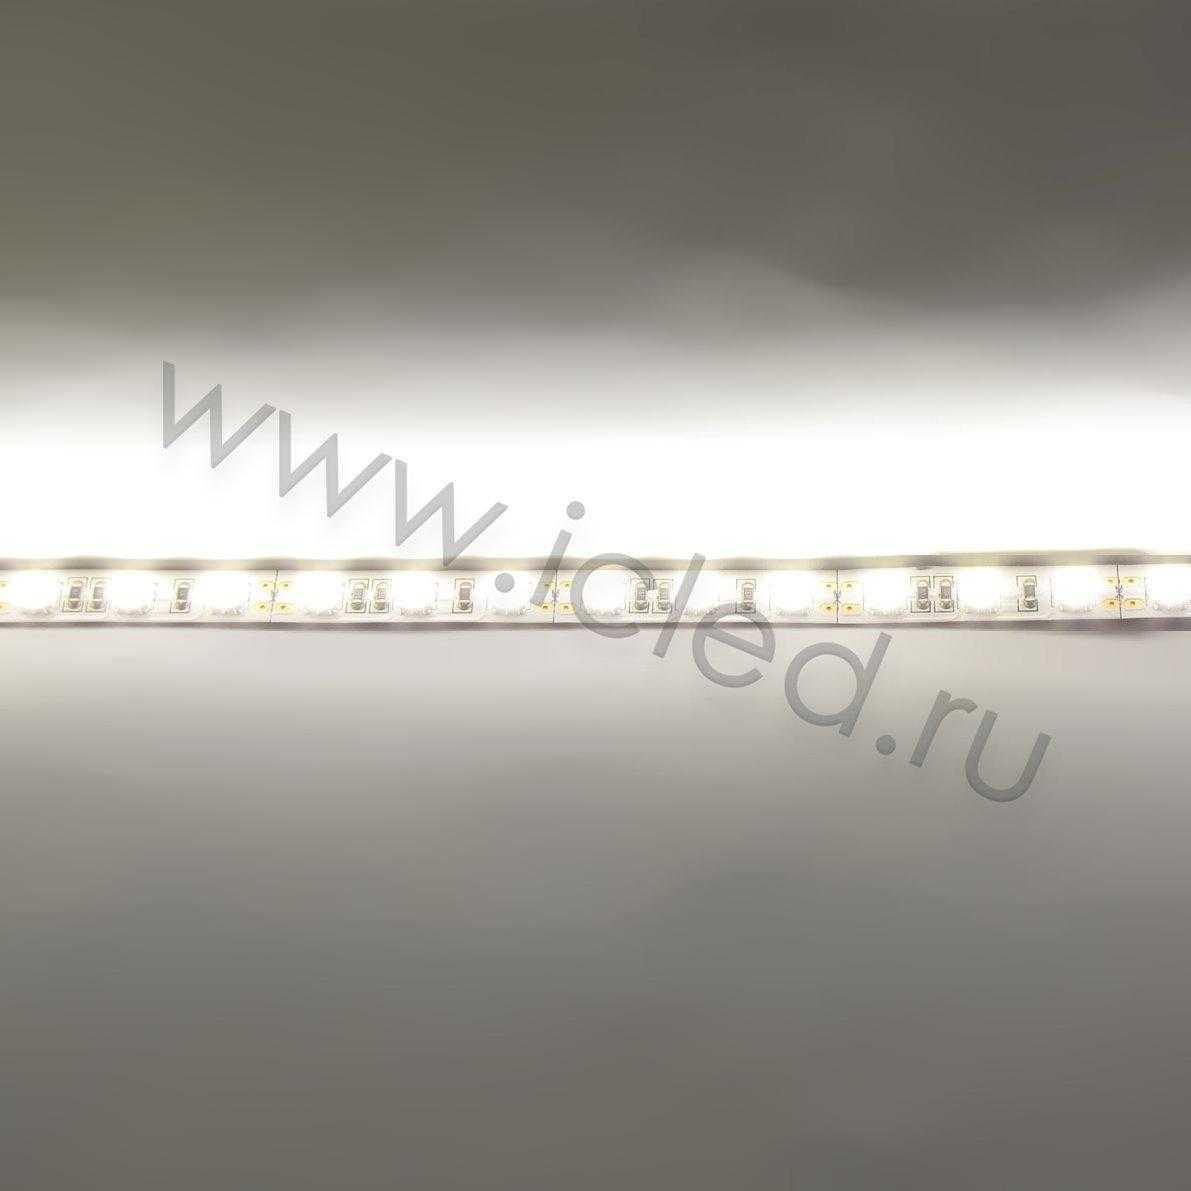 Светодиодная лента Class High, 5050, 72 led/m, Warm White,12V, IP33